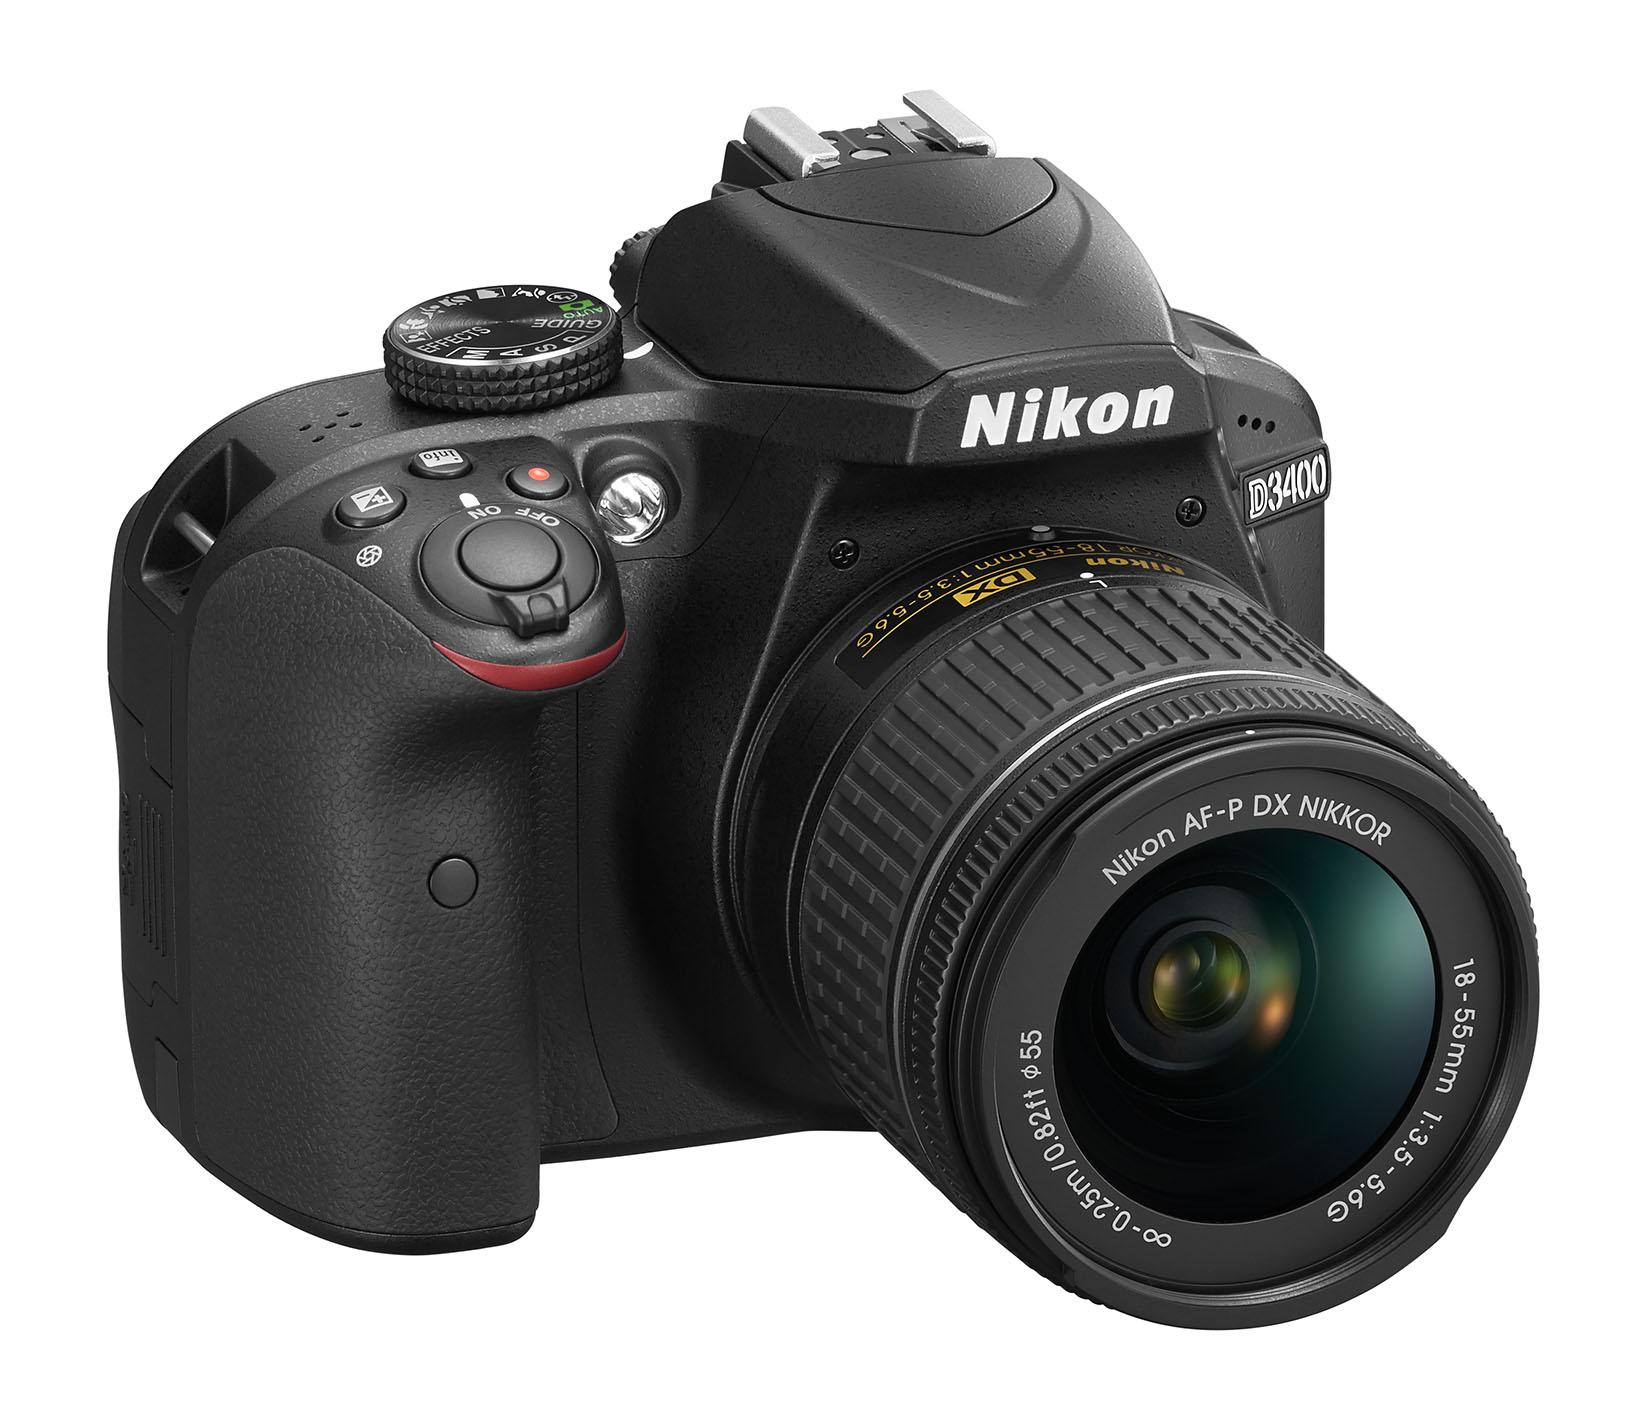 f22-cz-Nikon-D3400_BK_18_55_frt34r